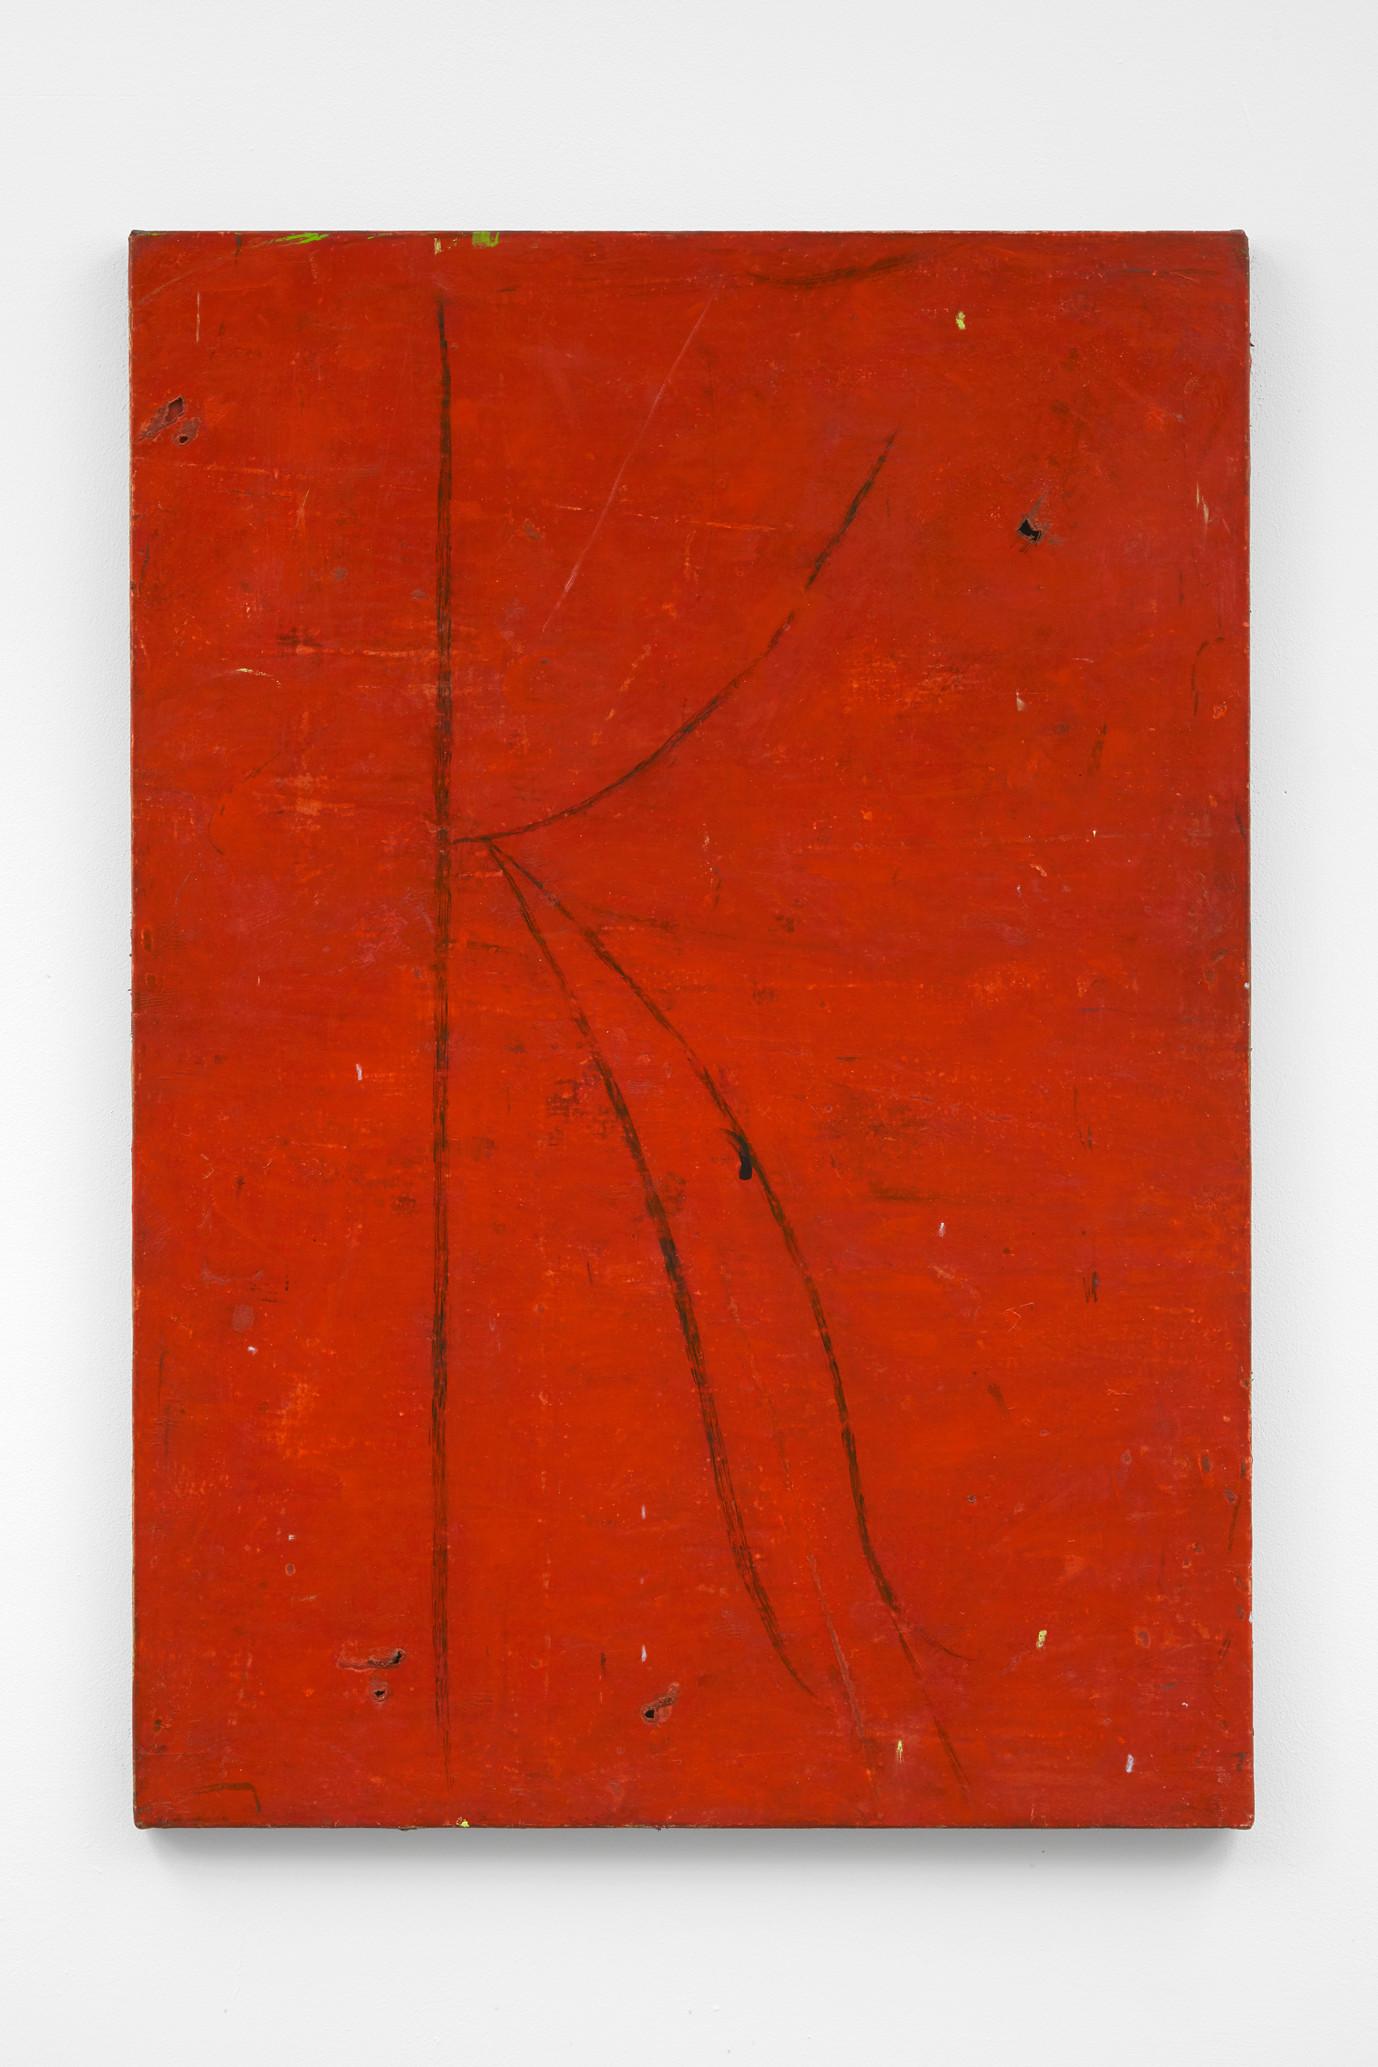 ~ a k pit, 2015-17. Oil paint, oil pastel and pencil on linen. 100.5 x 70.5 cm